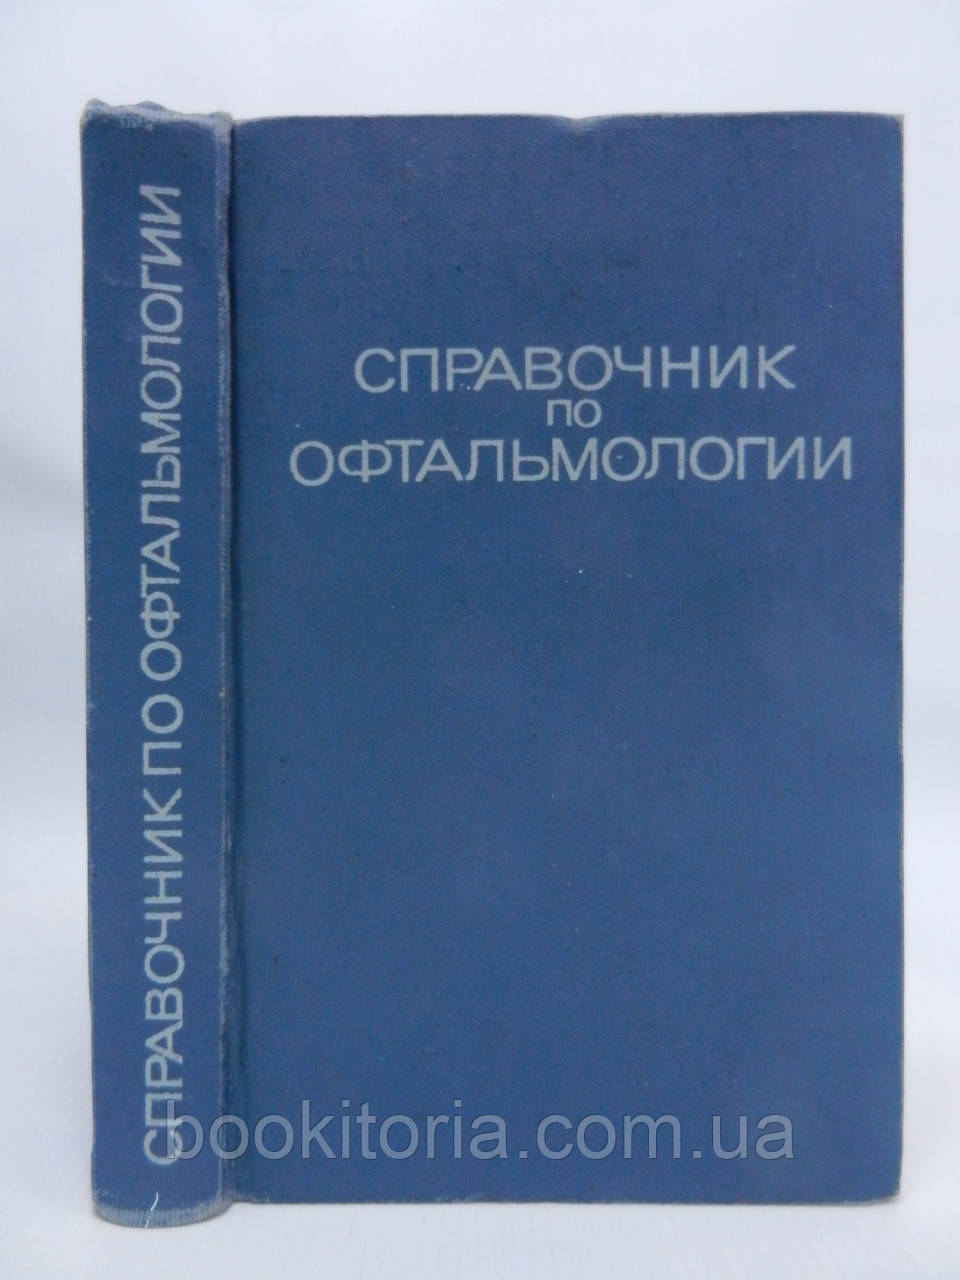 (Ред. Аветисов Э.С.) Справочник по офтальмологии (б/у).